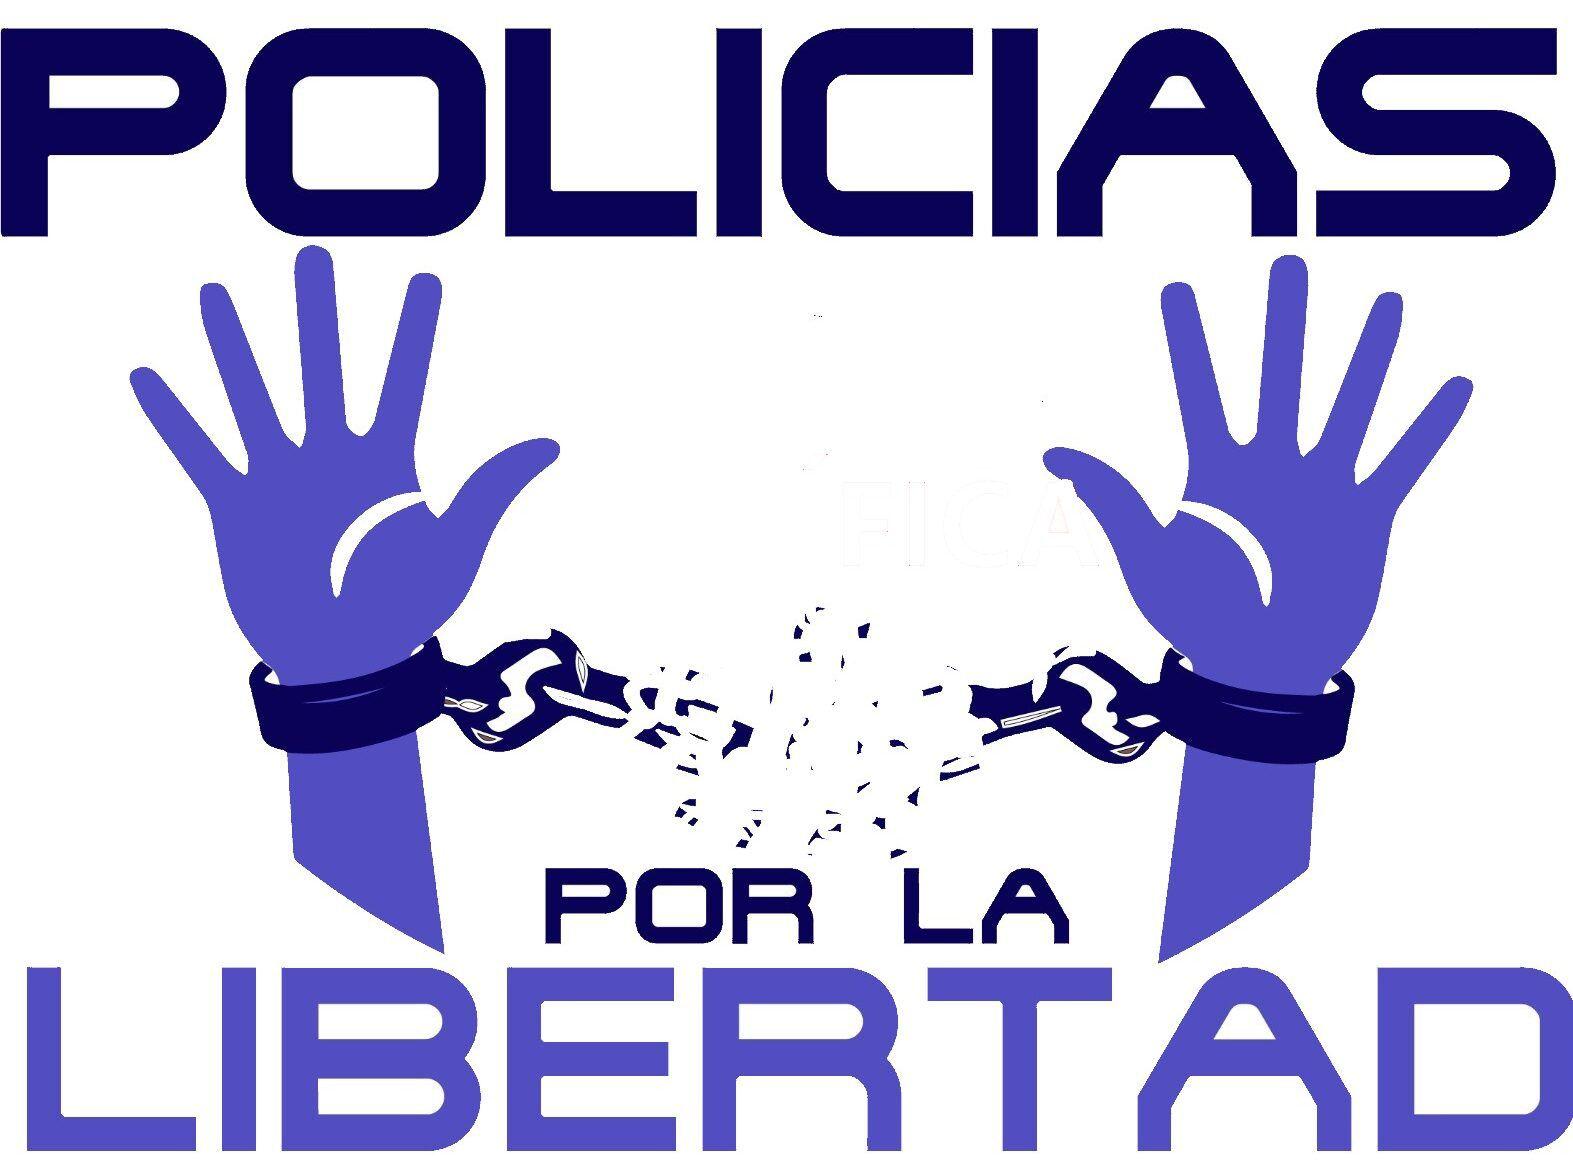 Resumen MARCHA por la LIBERTAD en Valencia 28.11.2020. . Convocada por Policías por la Libertad